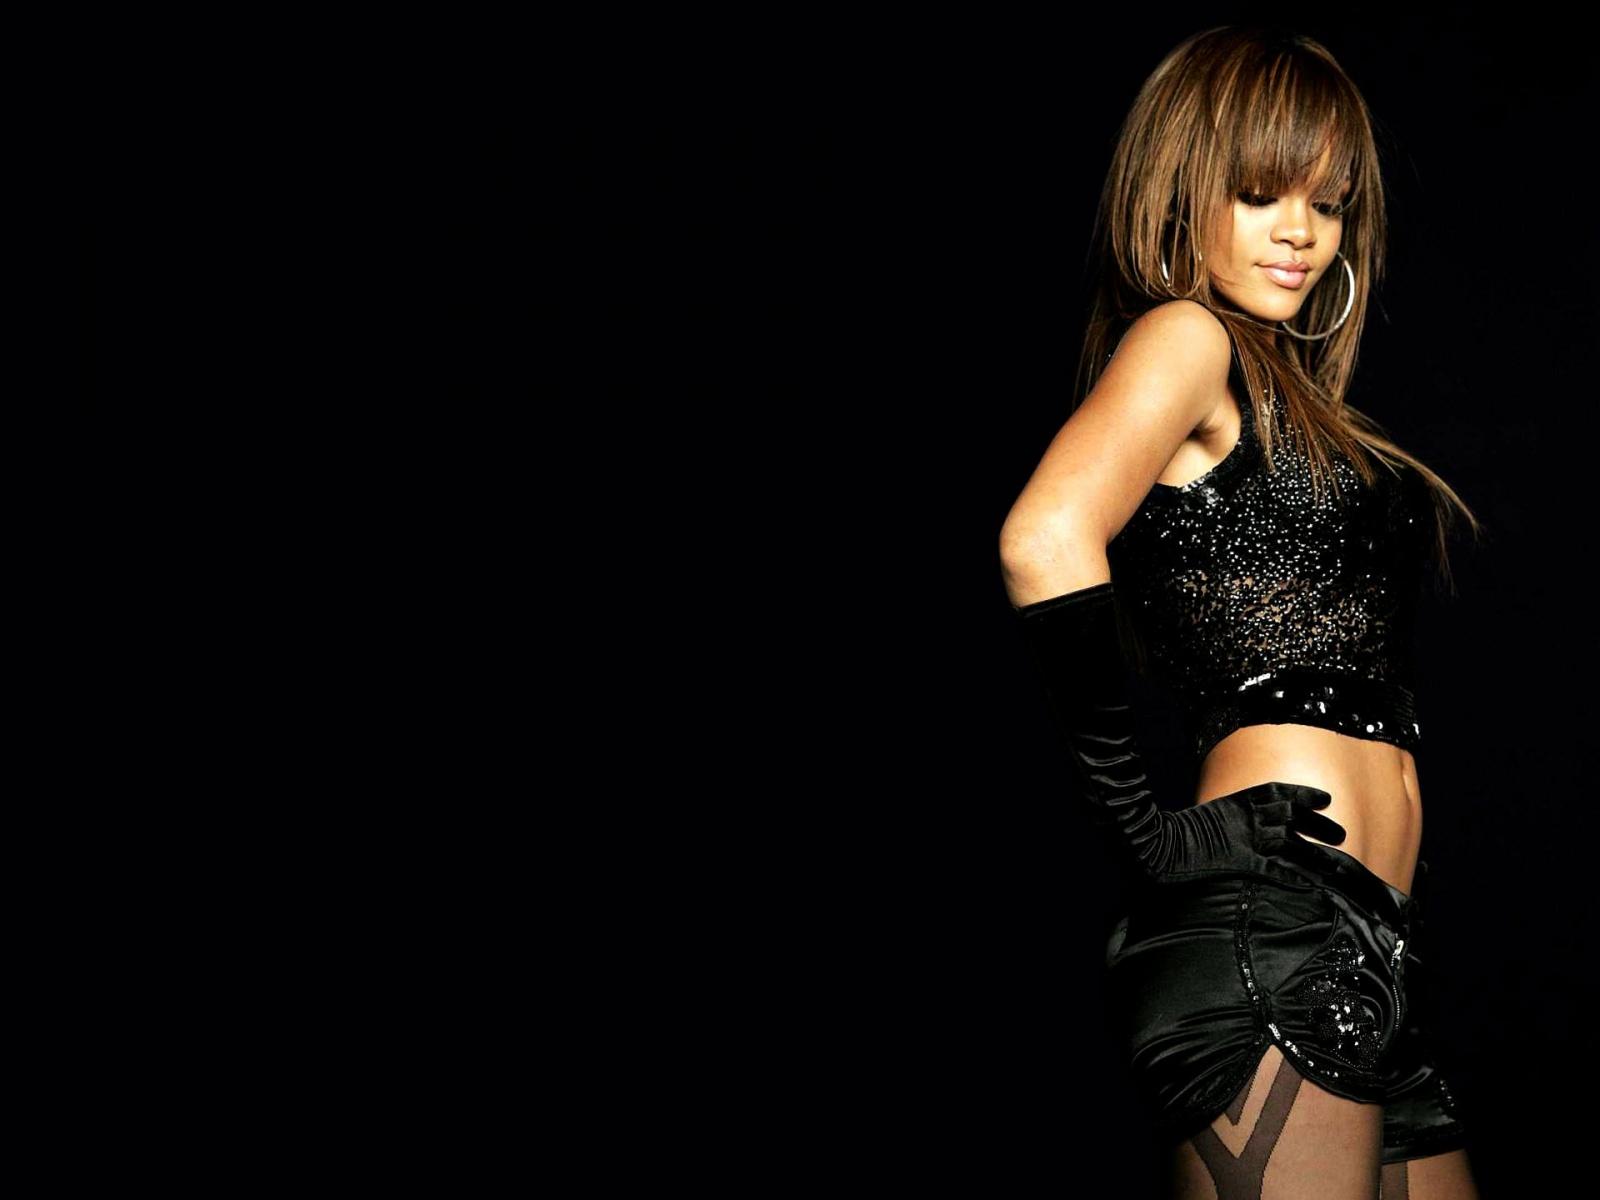 Best Wallpaper Collection: Rihanna Hot Wallpapers